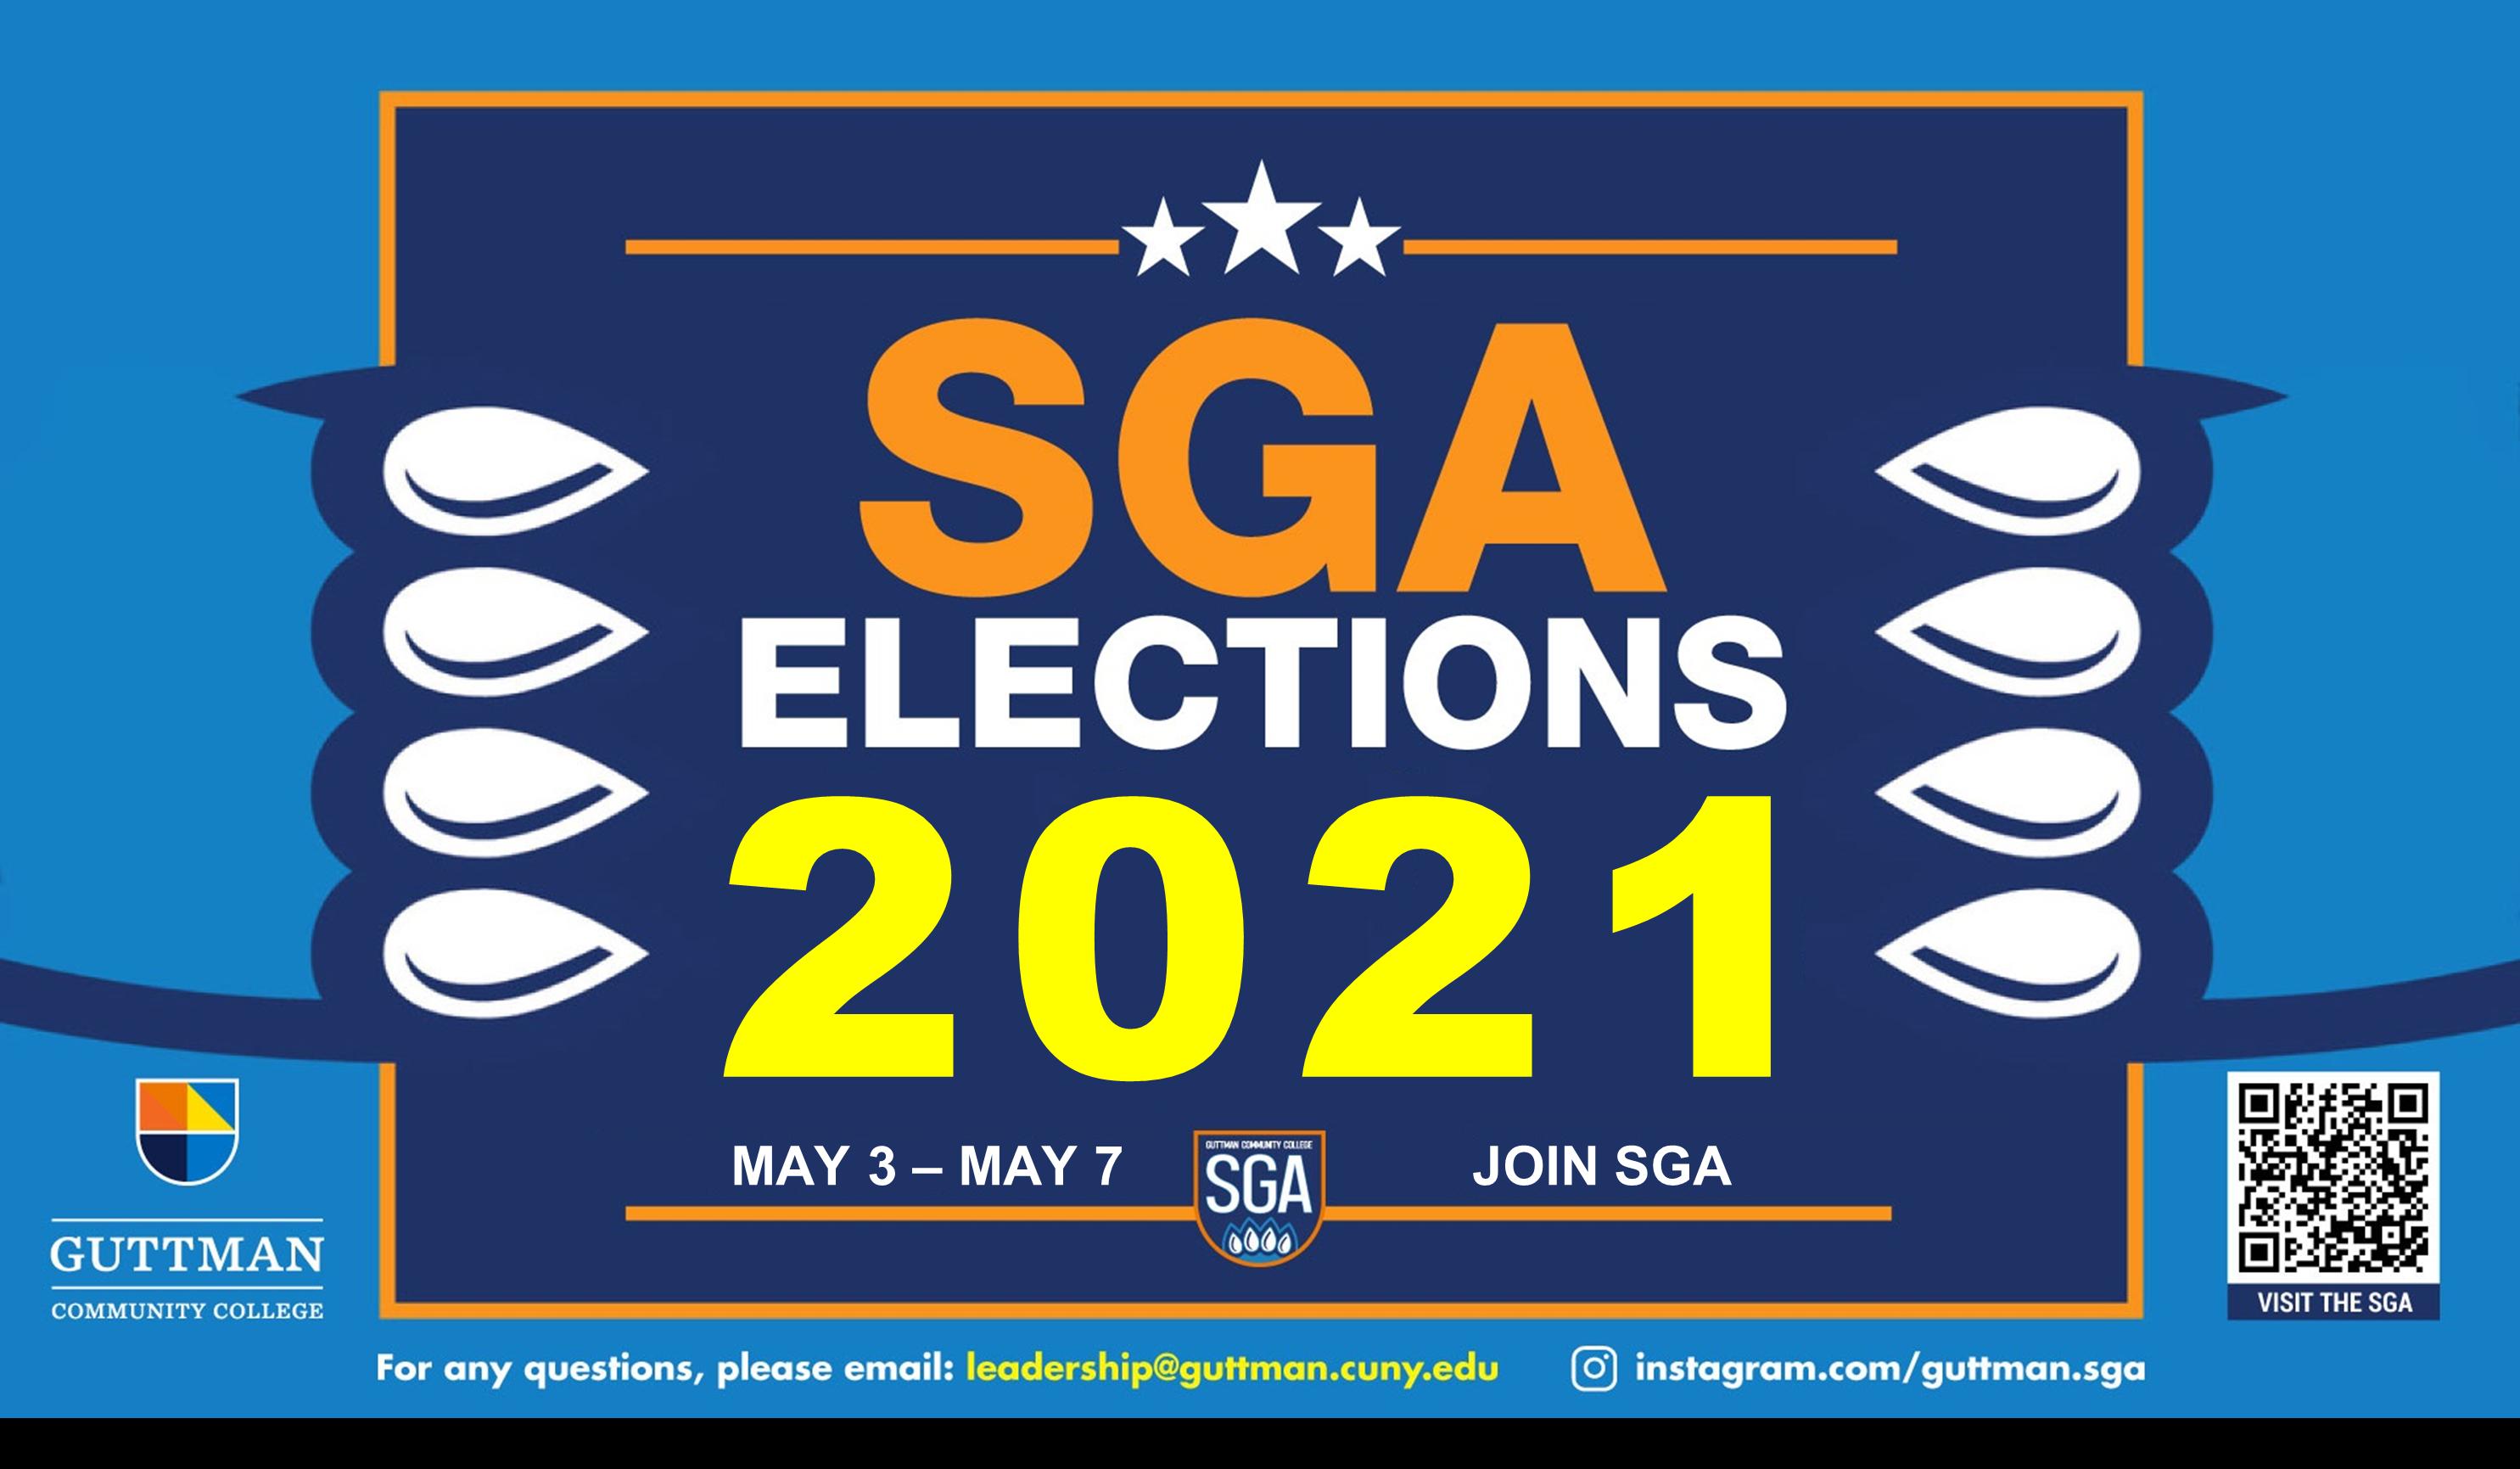 GCC SGA Elections, May 3-May 7